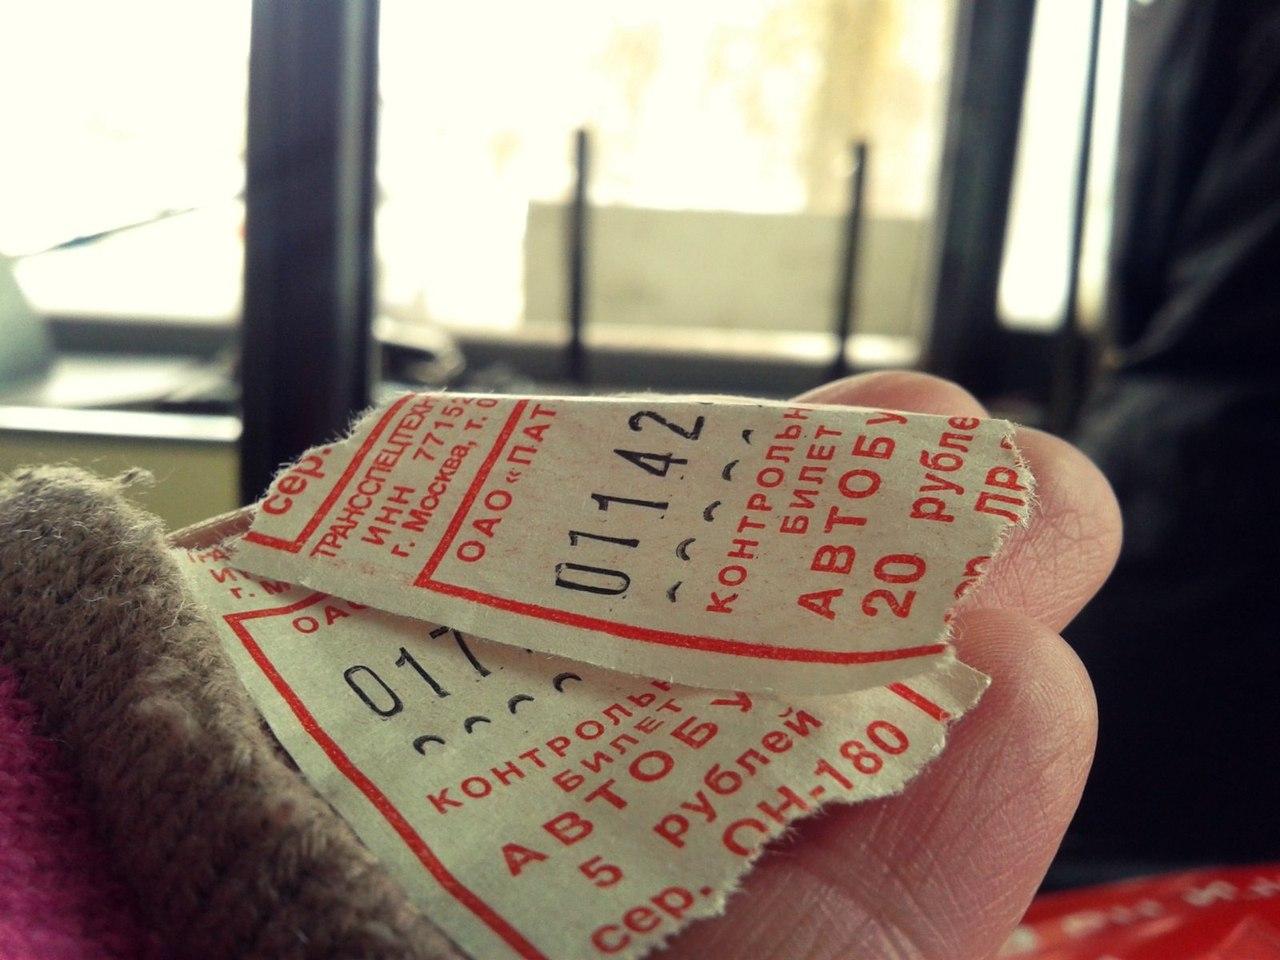 Власти Вологды: проезд стоит 25 рублей, несмотря на протест прокурора